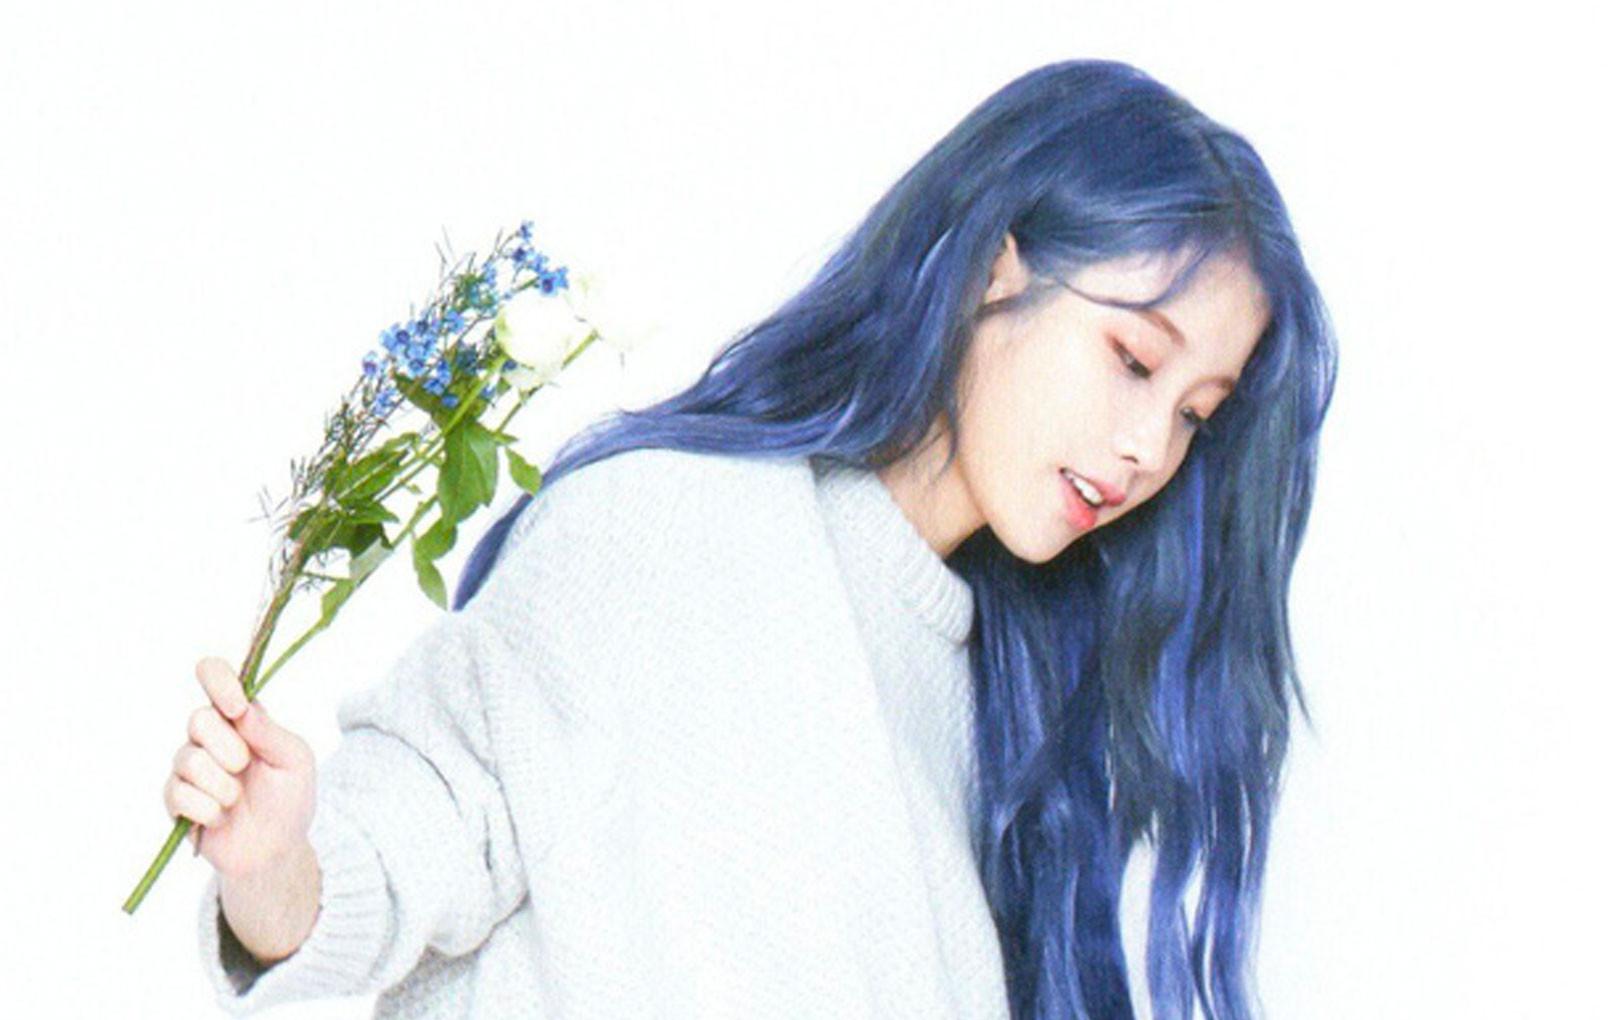 Hết tóc tím, IU lại tiếp tục khiến fan trụy tim với tóc xanh pha khói lạ lẫm trong loạt ảnh mới